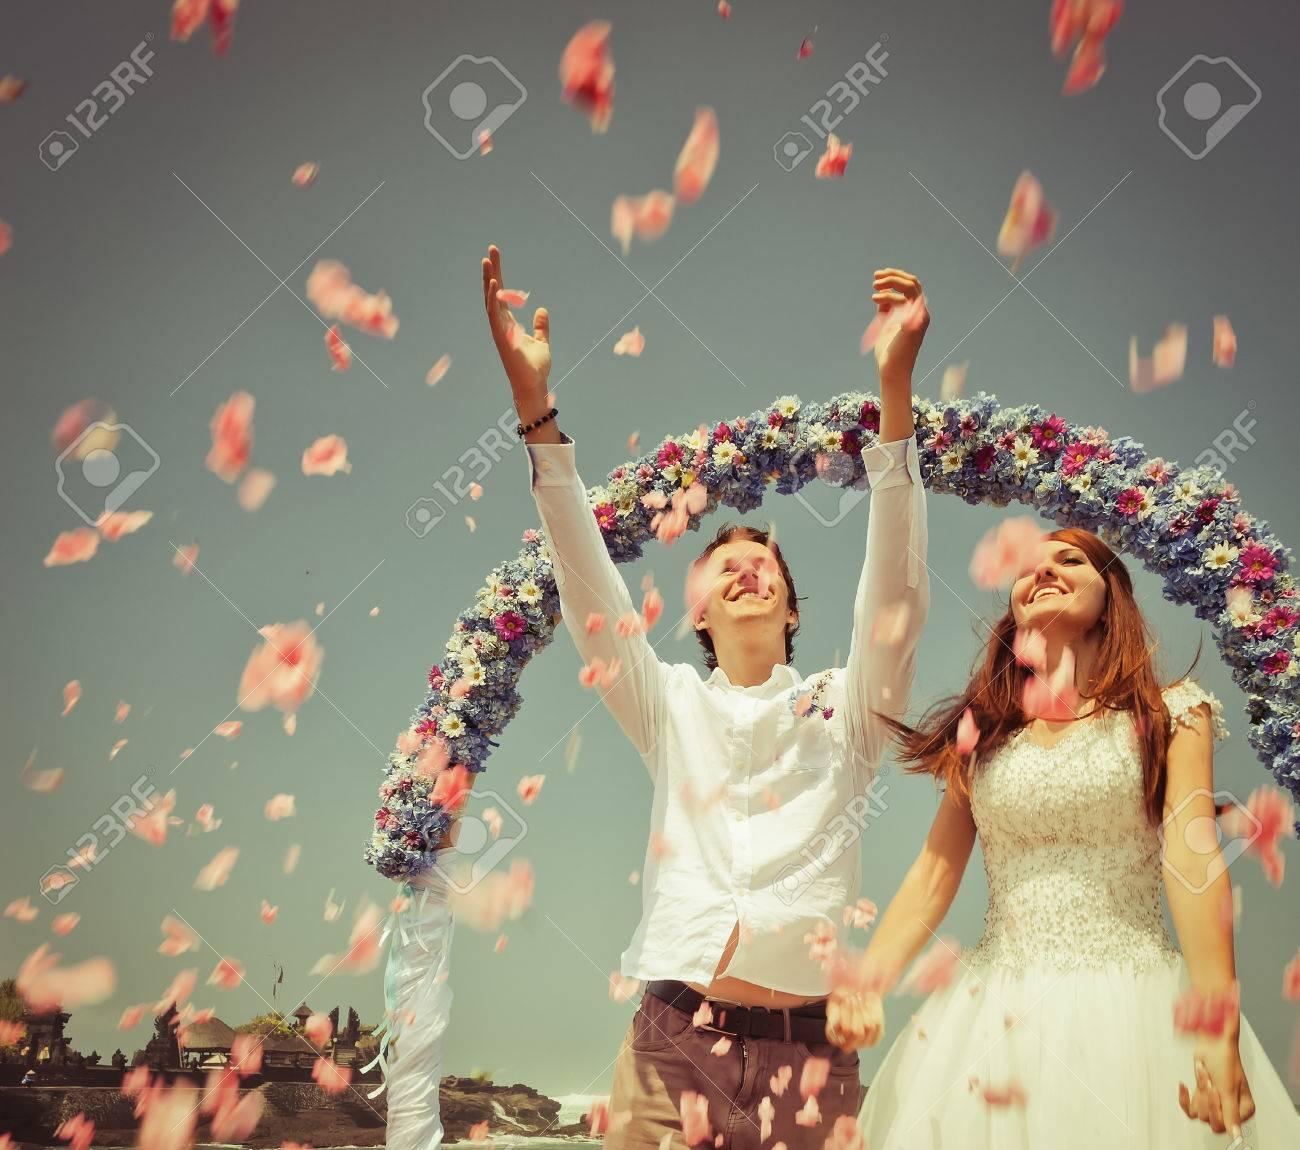 Old photo of wedding couple - 38316918